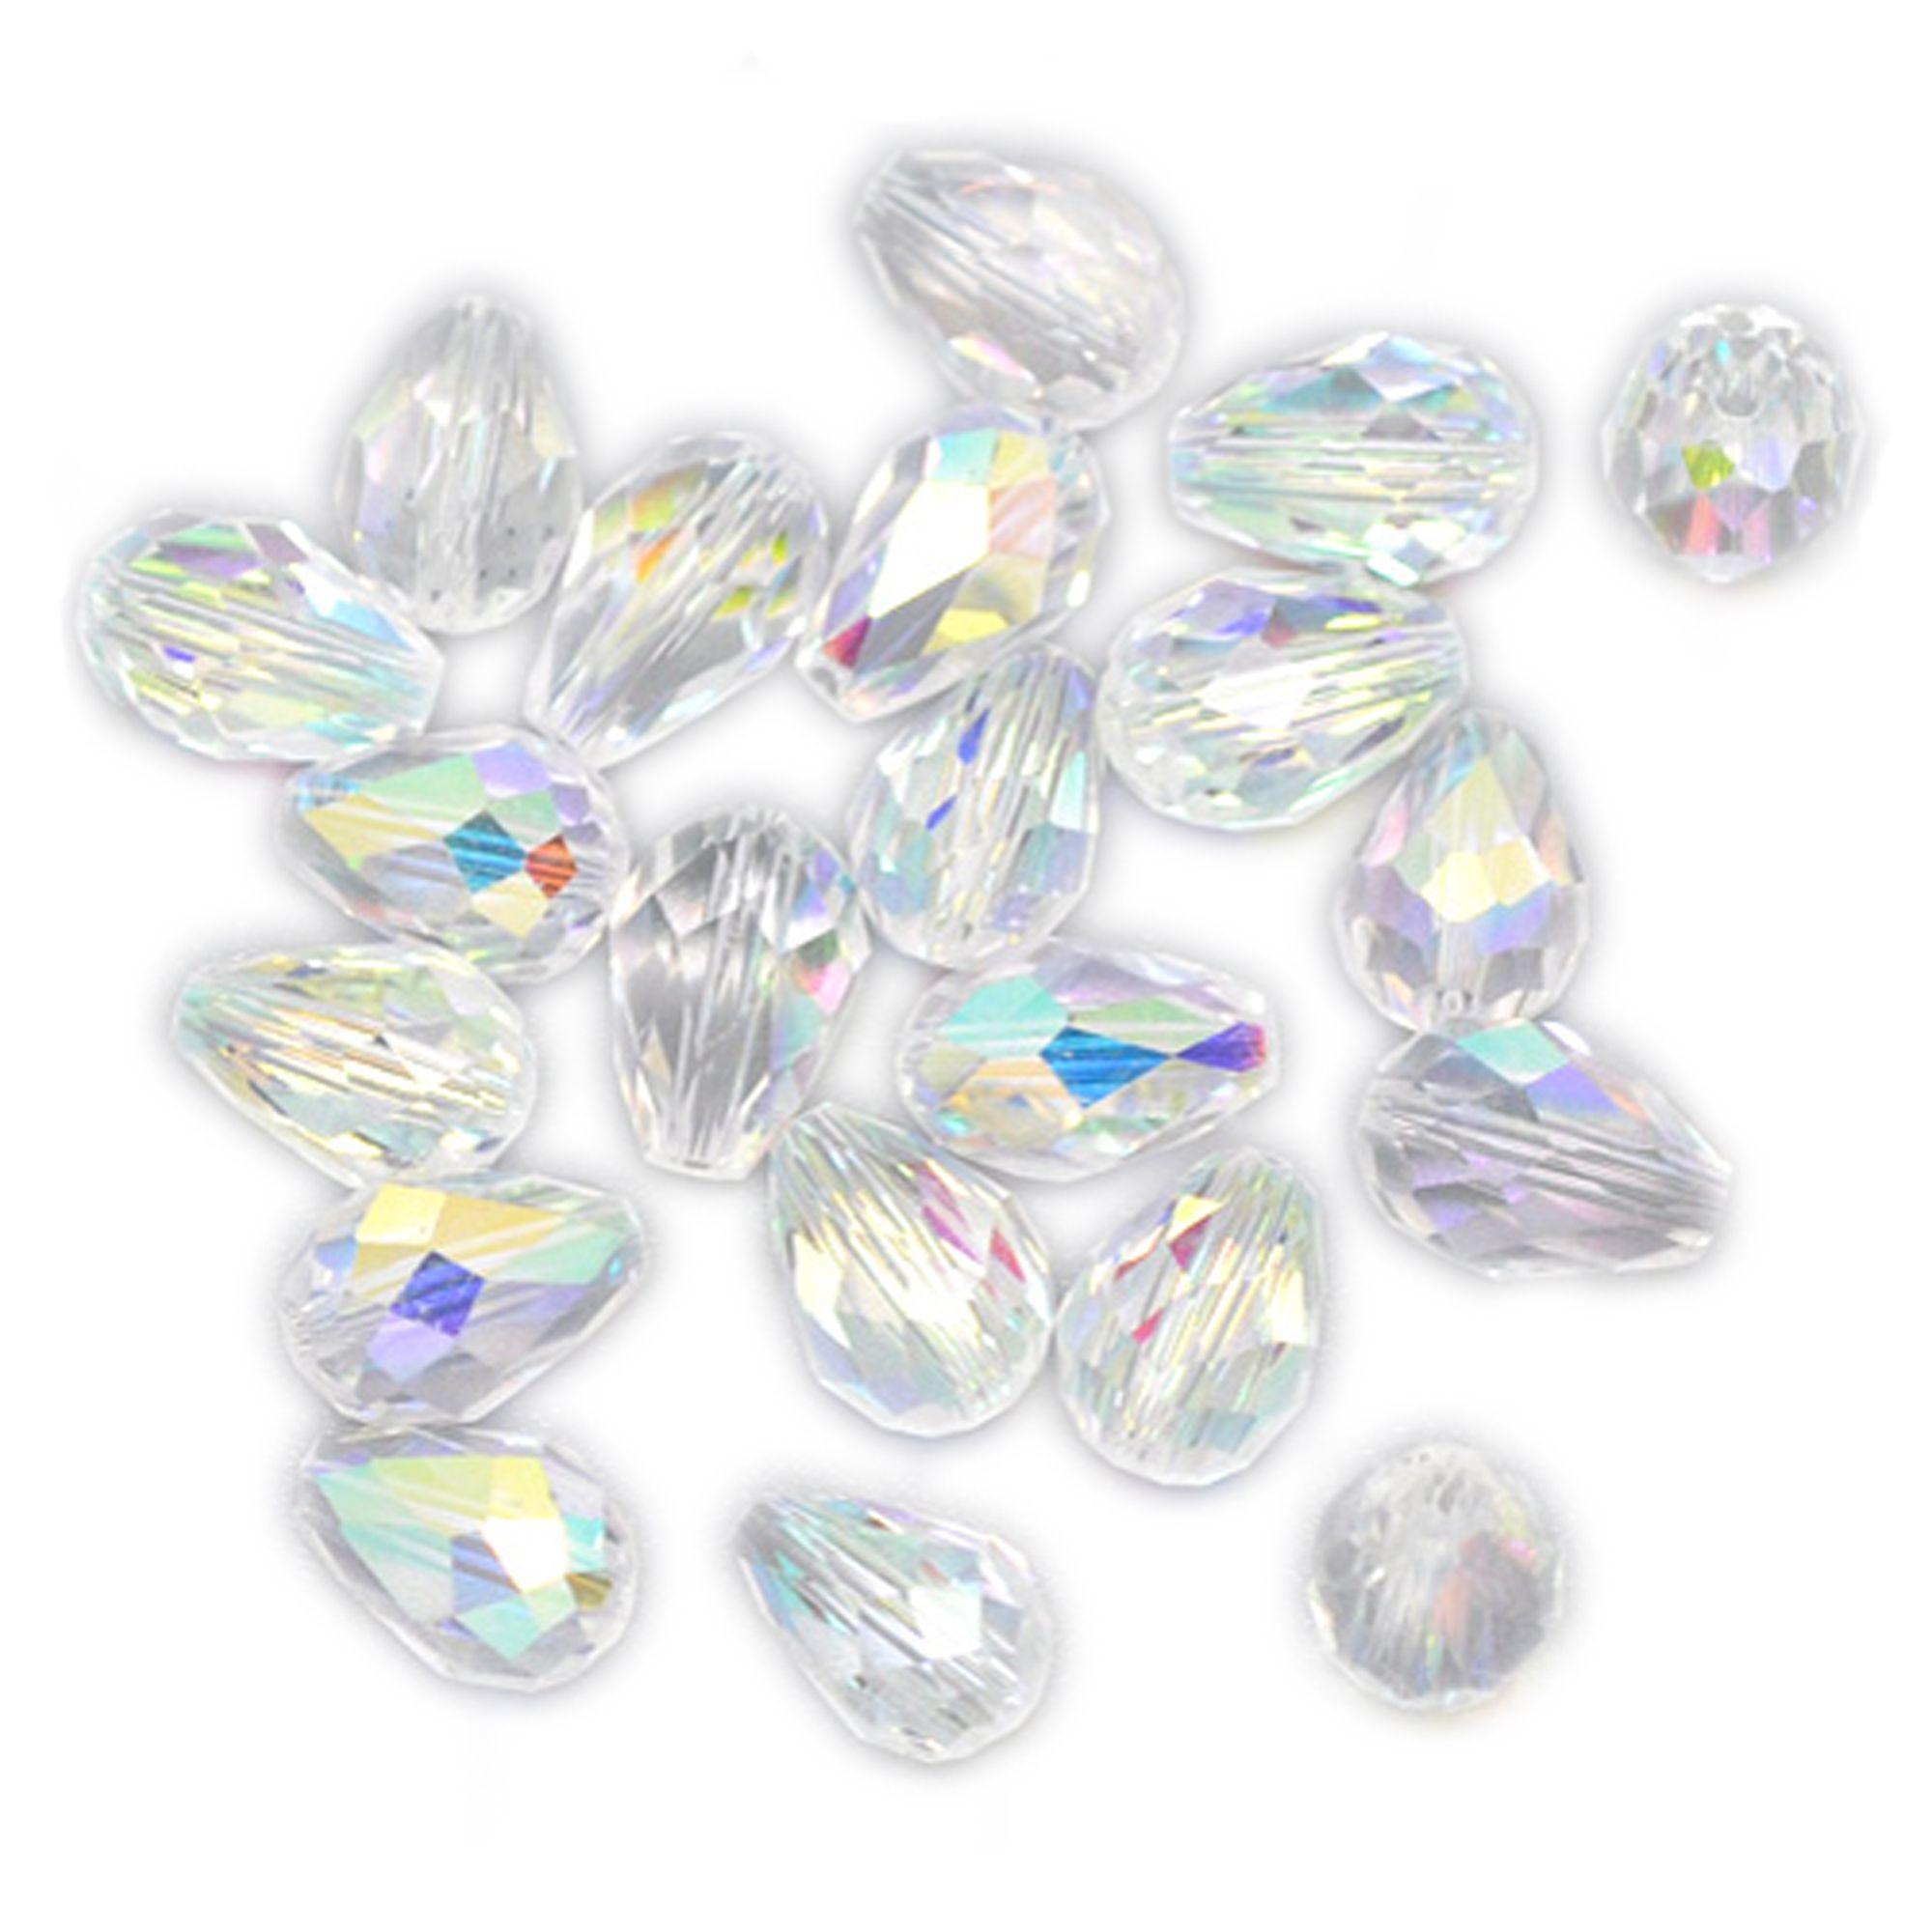 10 AB Tropfen Glasperlen 11x8mm crystal Quartz Perle Glasschliffperlen | Glasperlen | Perlen |  günstig kaufen bei Bacabella.com | Perlen, Schmuck und Schmuckzubehör zum Schmuck selber machen | Schmuck basteln DIY DoItYourself | ganz individuell und einfach | Schmuckperlen